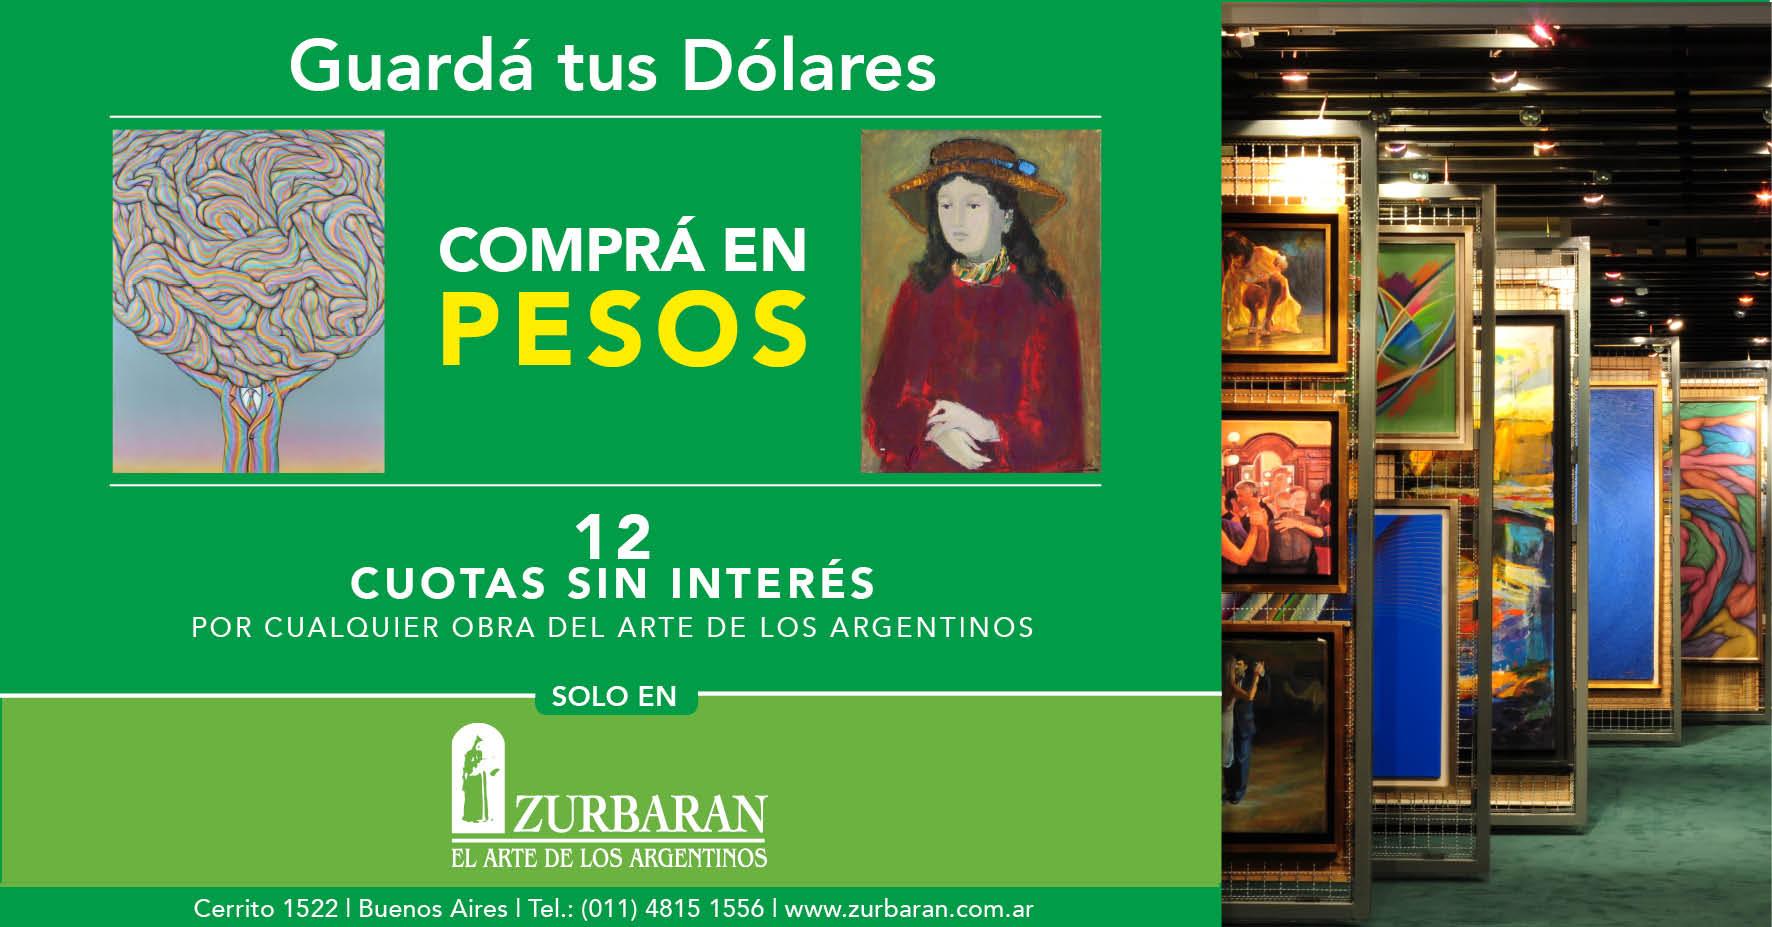 En ZURBARAN, hemos tratado de ser originales en estos 42 años de actividad y por eso ahora ofrecemos toda nuestra colección en pesos y con 12 cuotas sin interés.